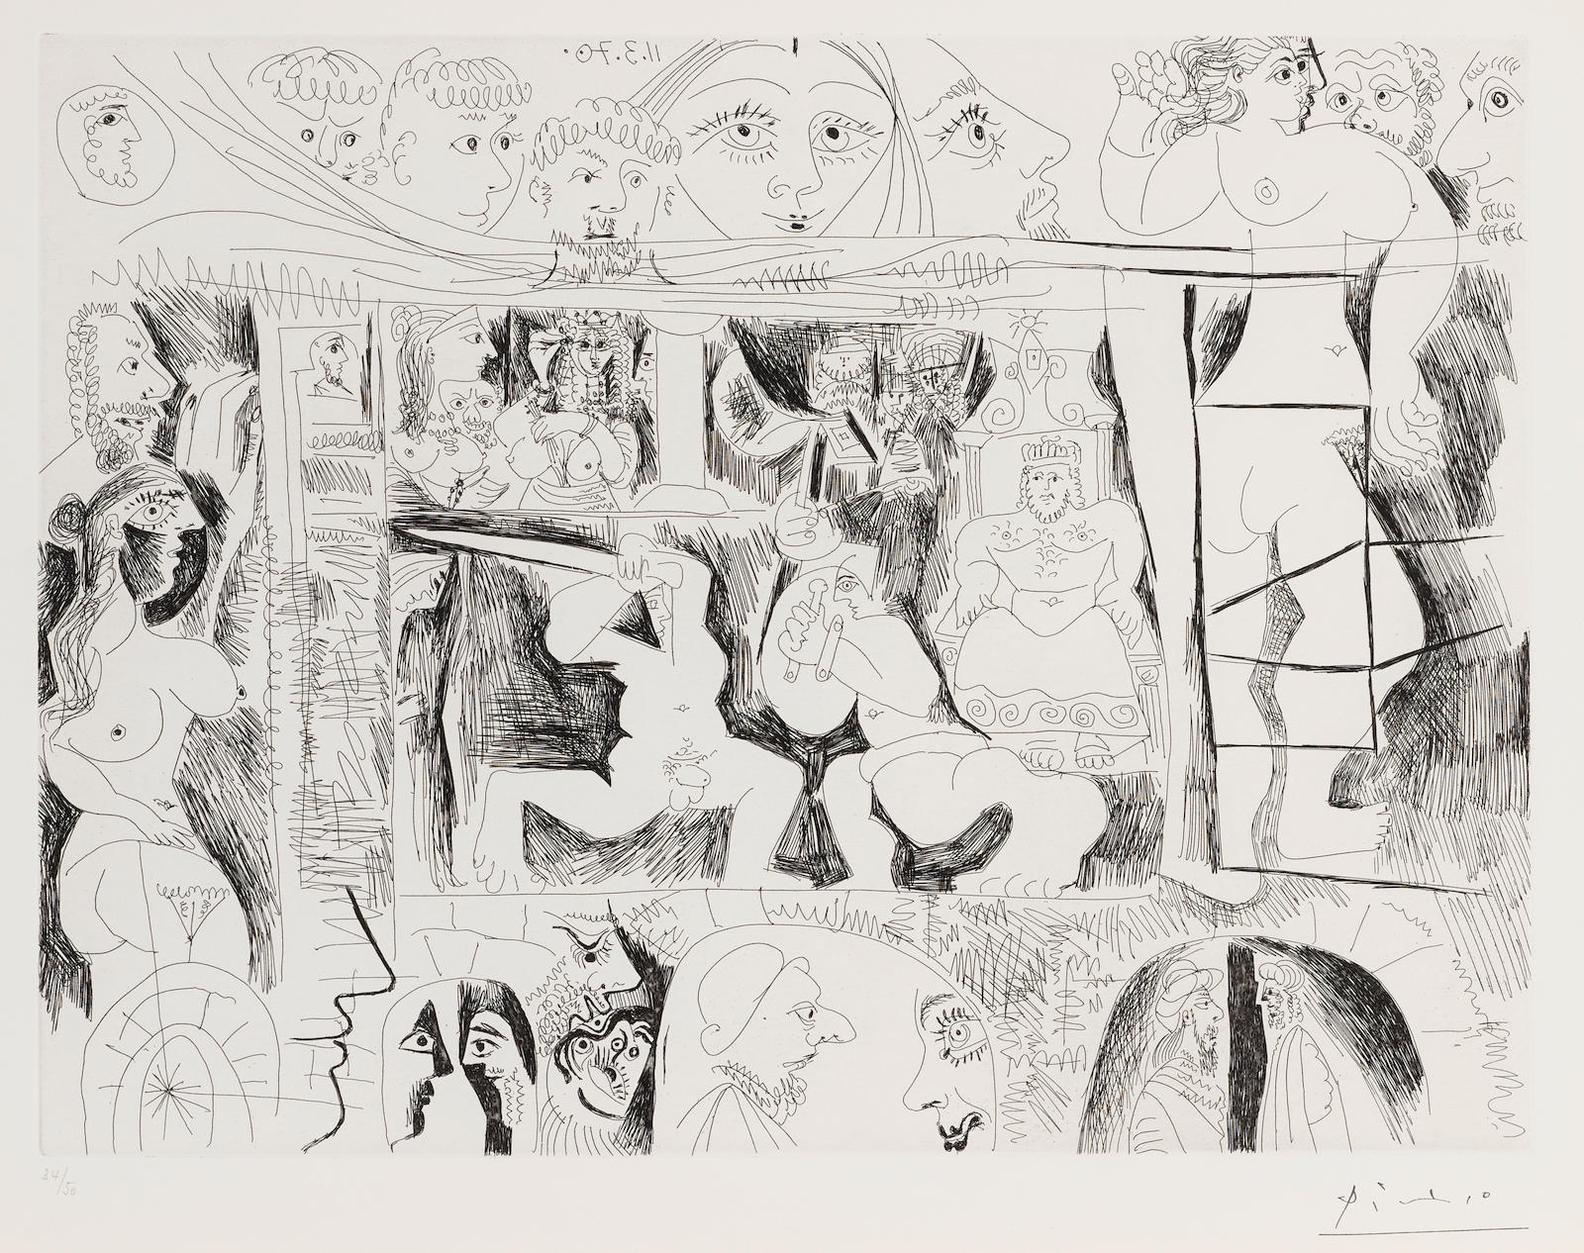 Pablo Picasso-Combat De Gladiateurs, Avec Spectateurs, From La Serie 156 (B. 1874; Ba. 1879)-1970